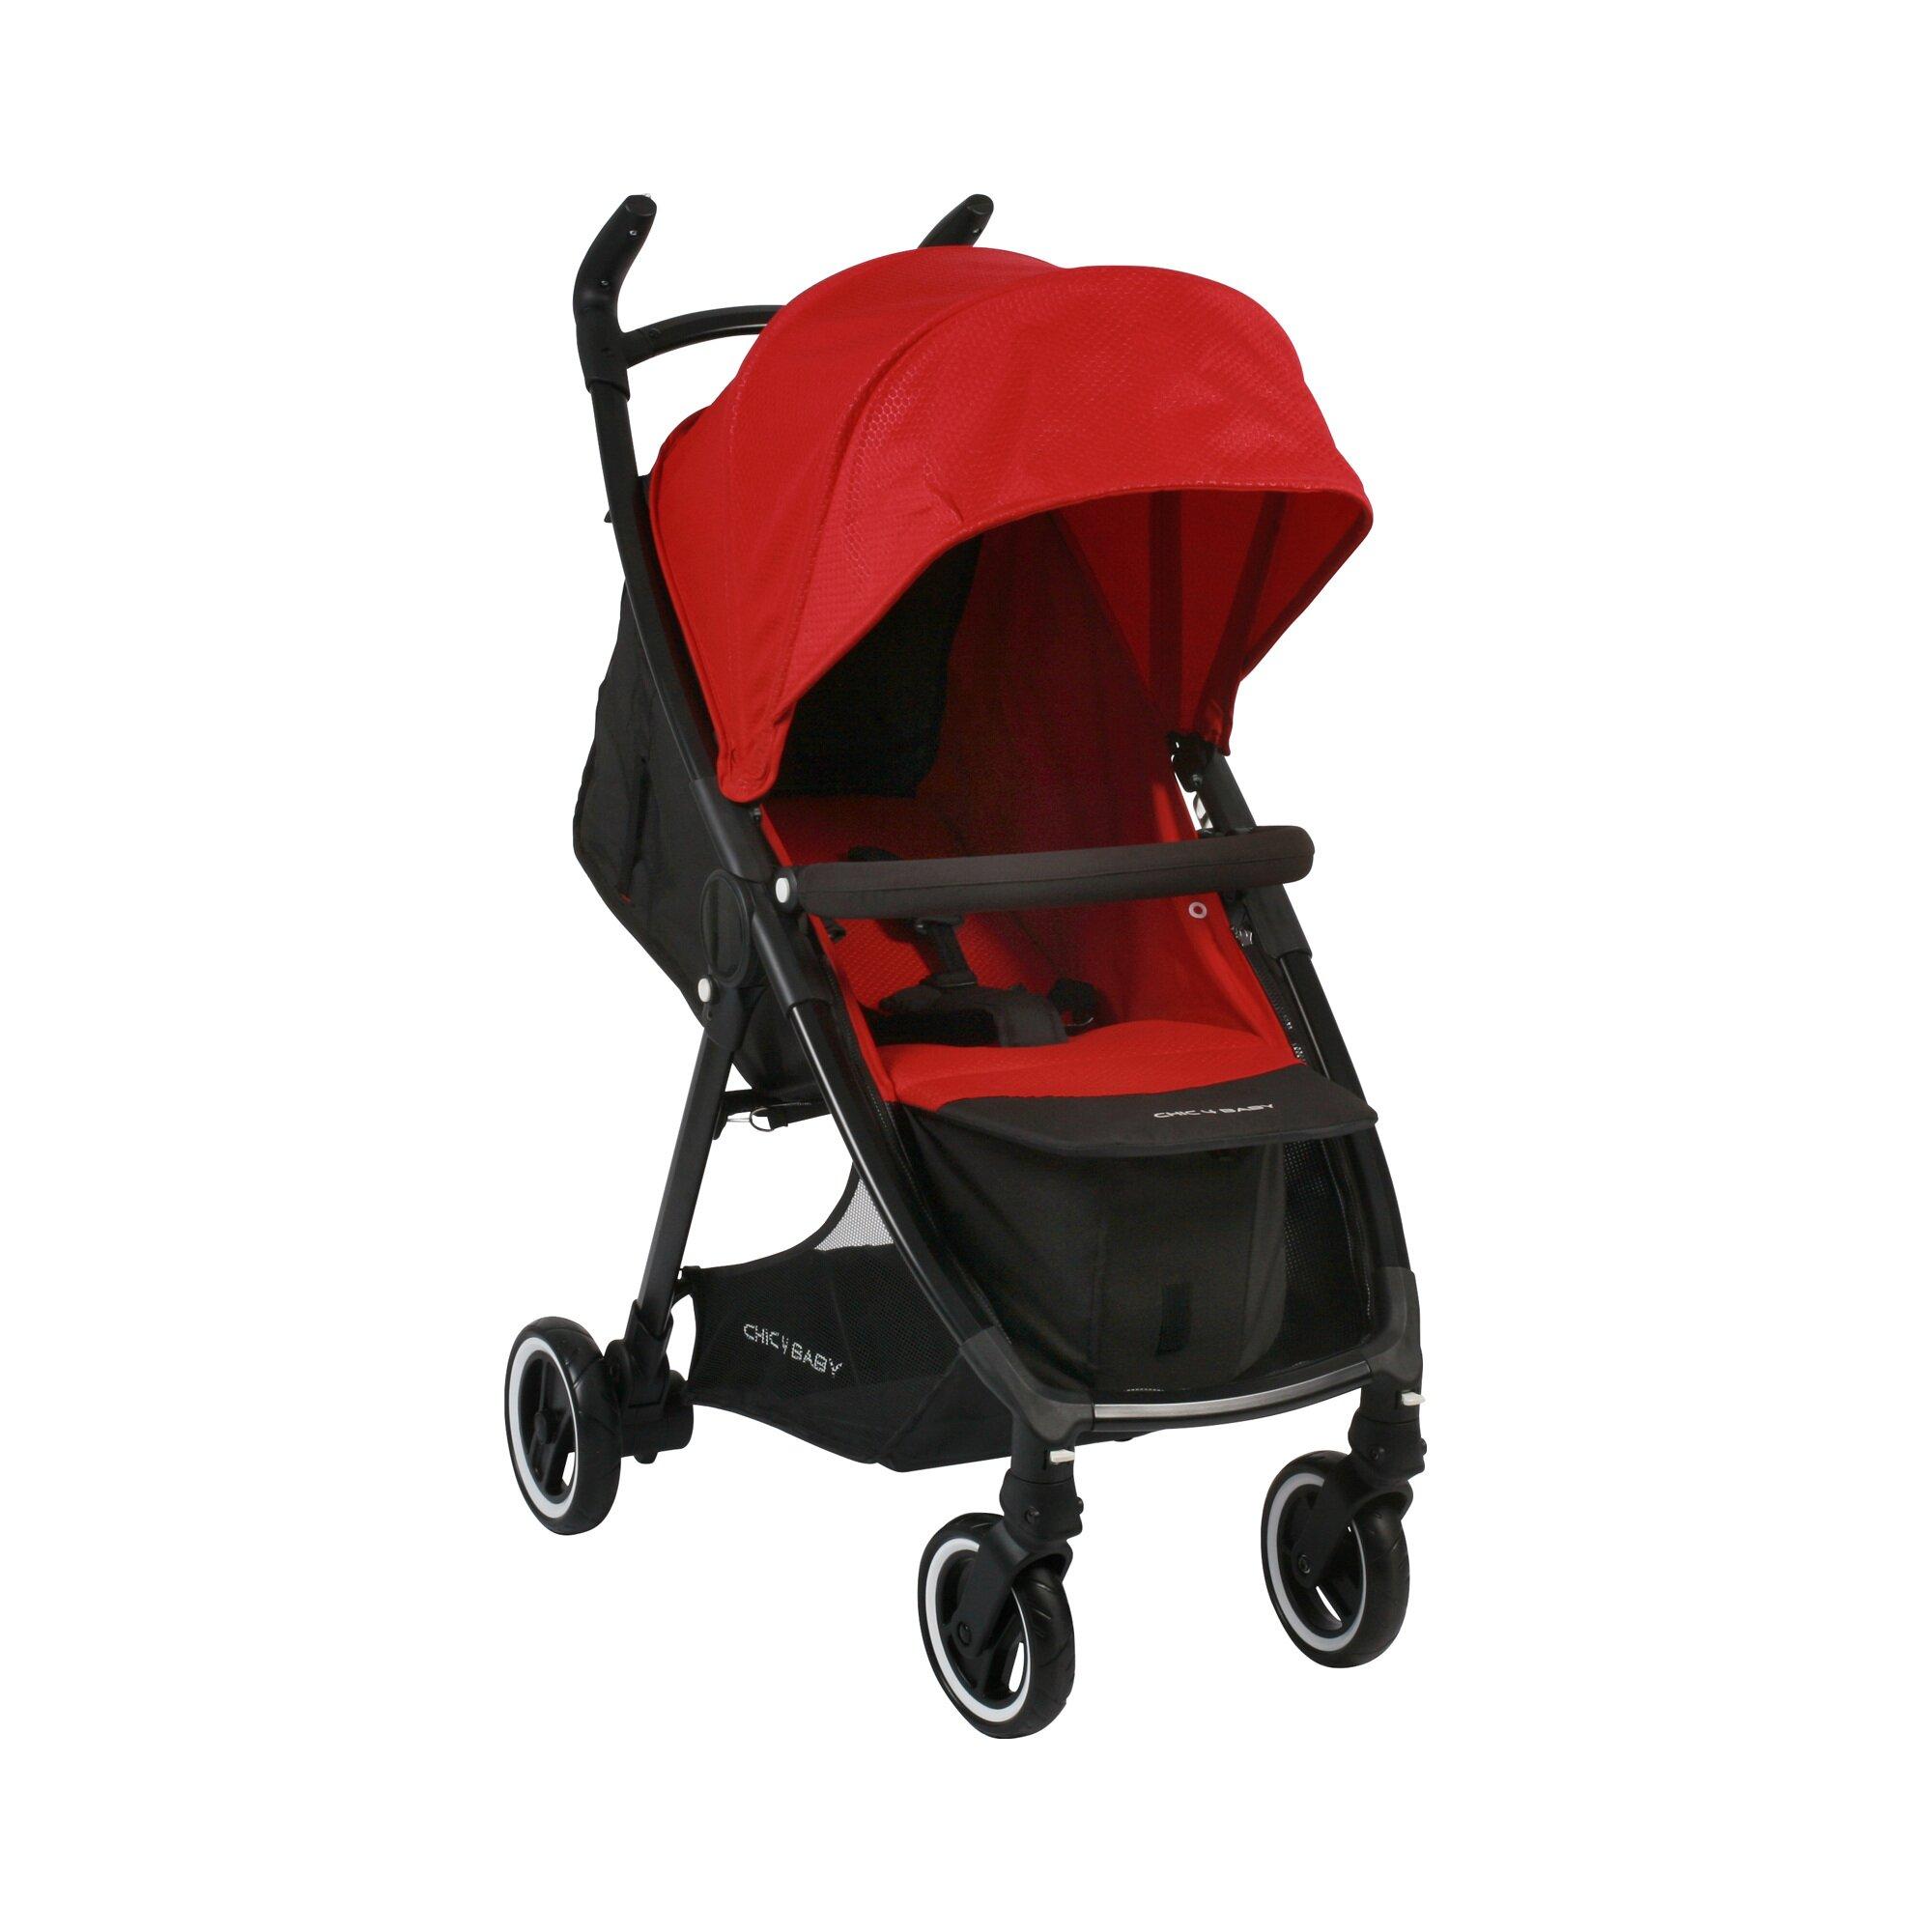 chic-4-baby-robbie-kinderwagen-sportwagen-rot